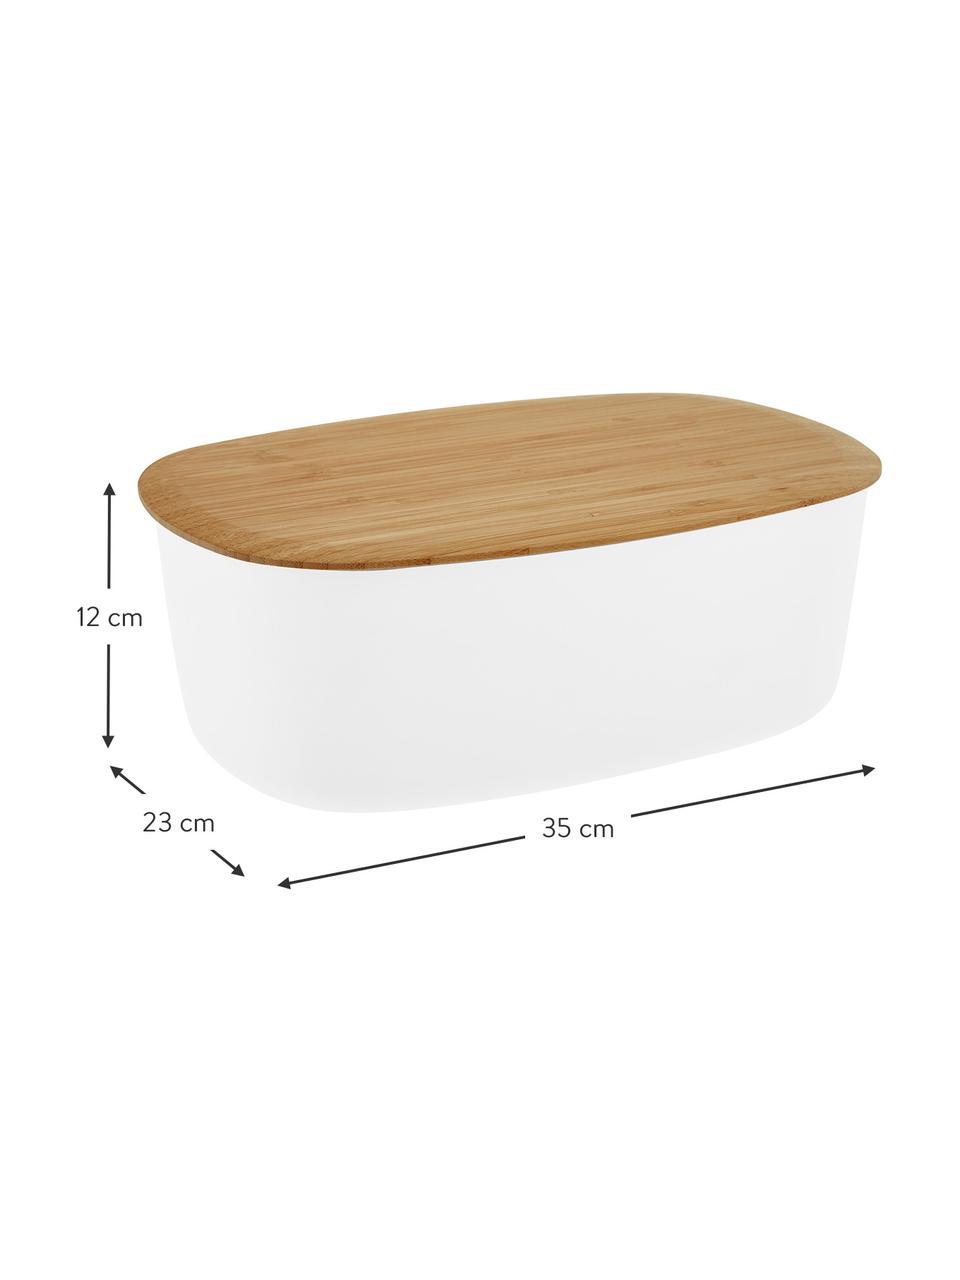 Chlebak z deską do krojenia jako pokrywka Box-It, Pojemnik: biały Pokrywka: brązowy, S 35 x W 12 cm